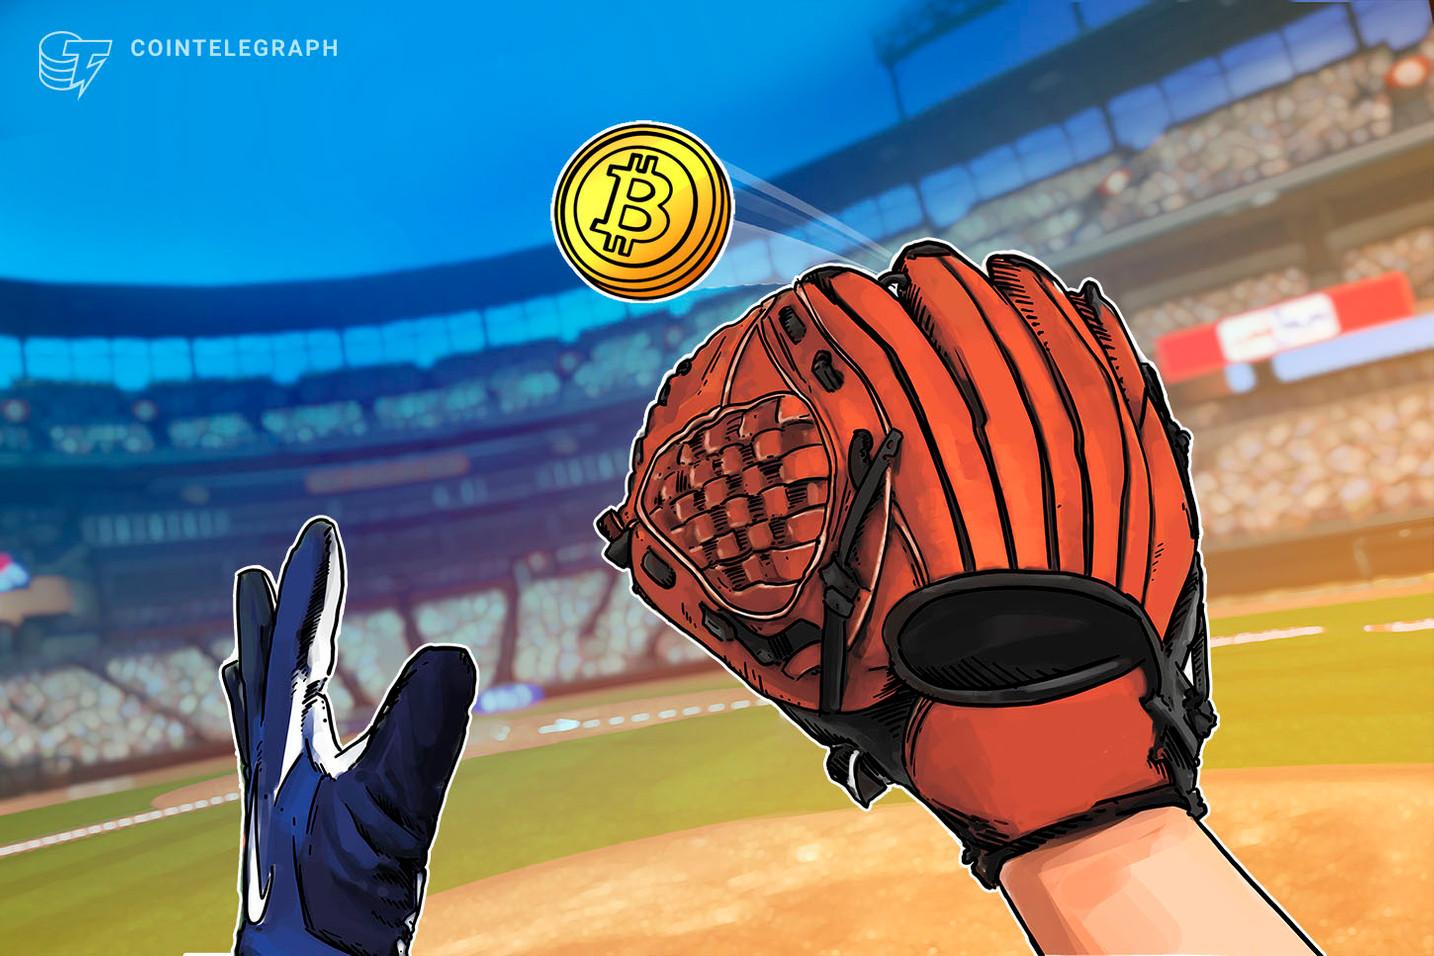 Oakland Athletics: Major League Baseballmannschaft akzeptiert Bitcoin als Zahlungsmittel